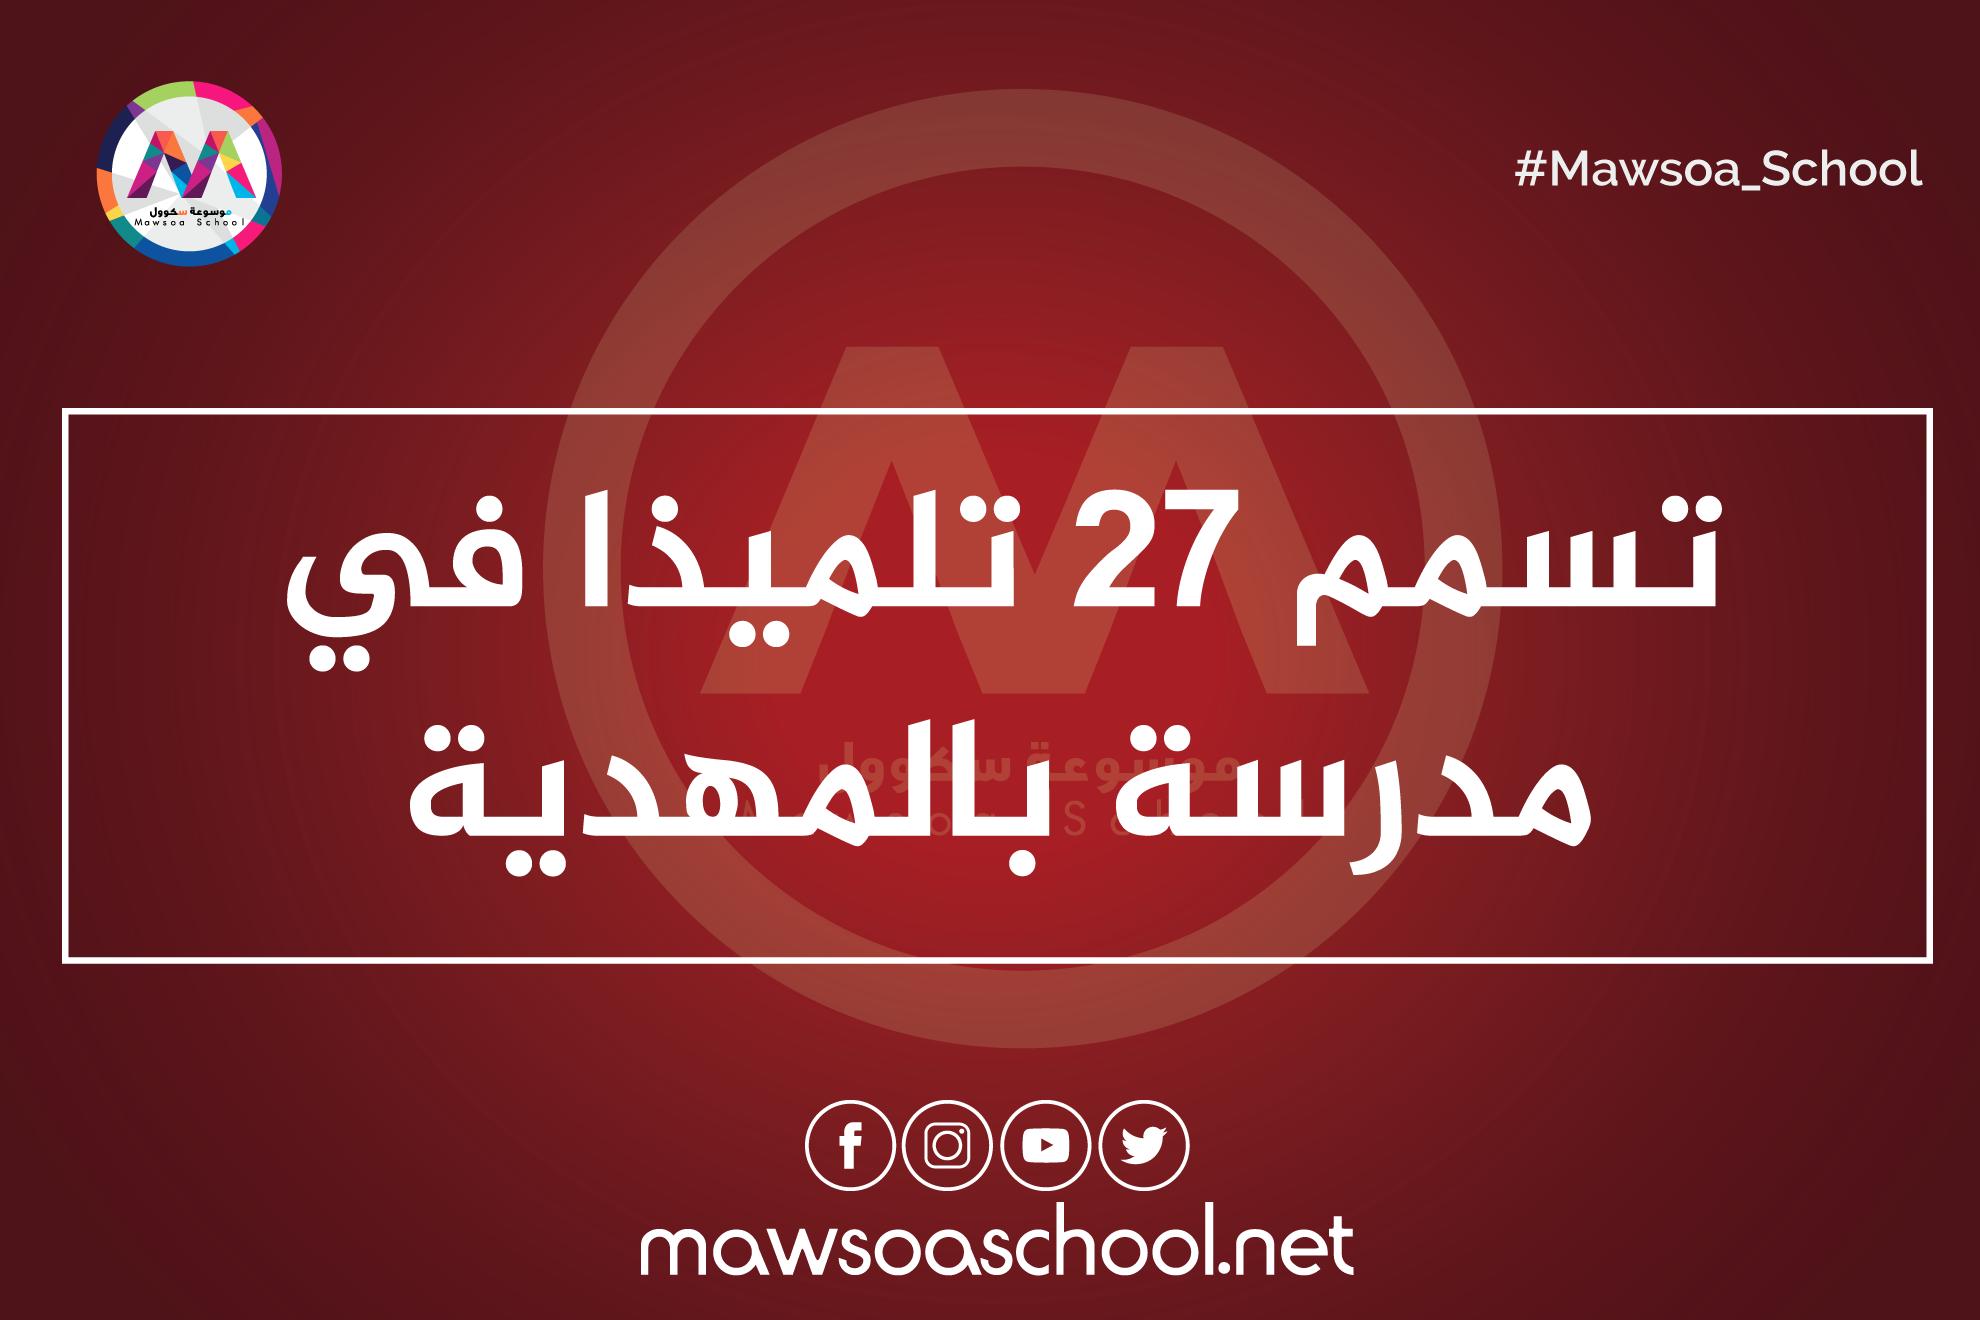 تسمم 27 تلميذا في مدرسة بالمهديةتسمم 27 تلميذا في مدرسة بالمهدية